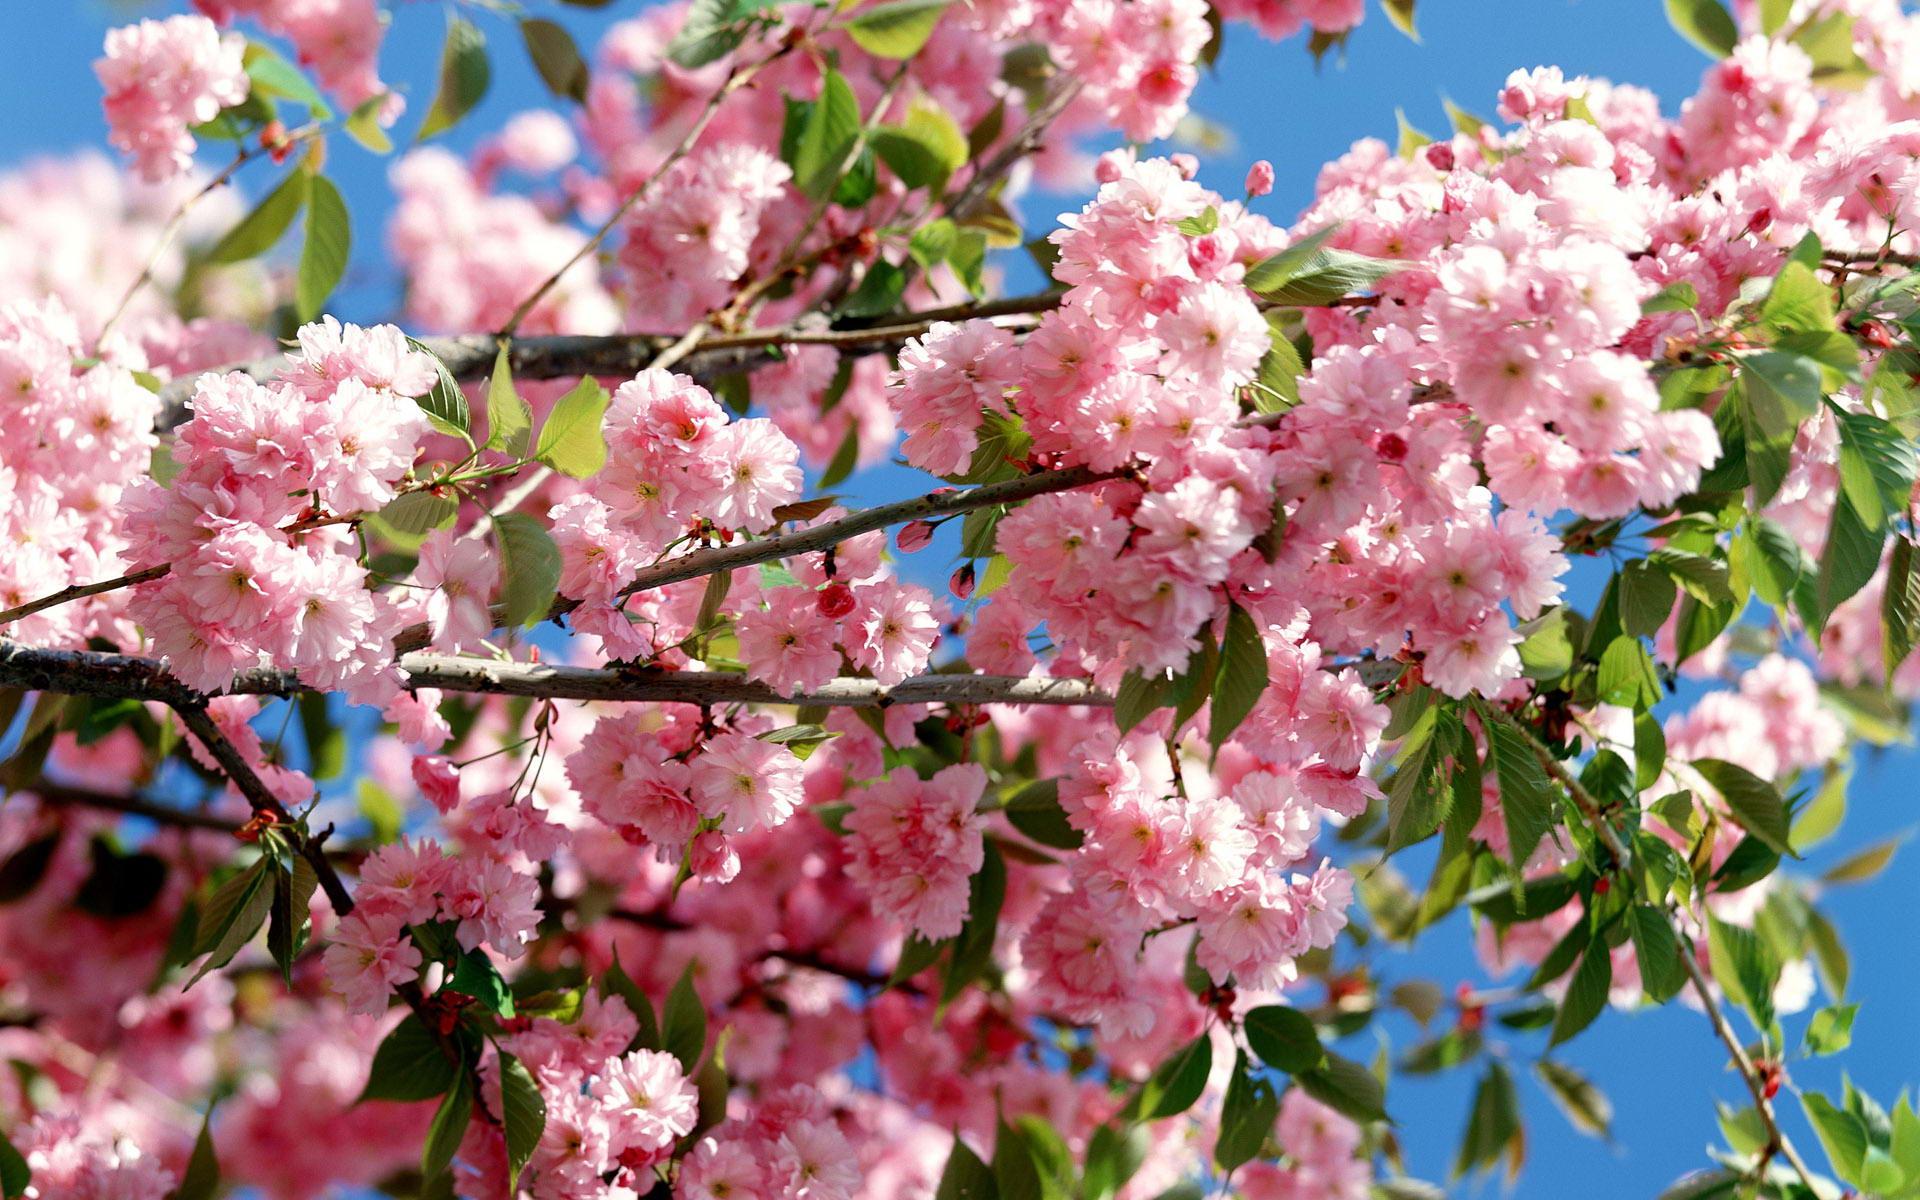 Hamarosan Váci Tavaszi Fesztivál